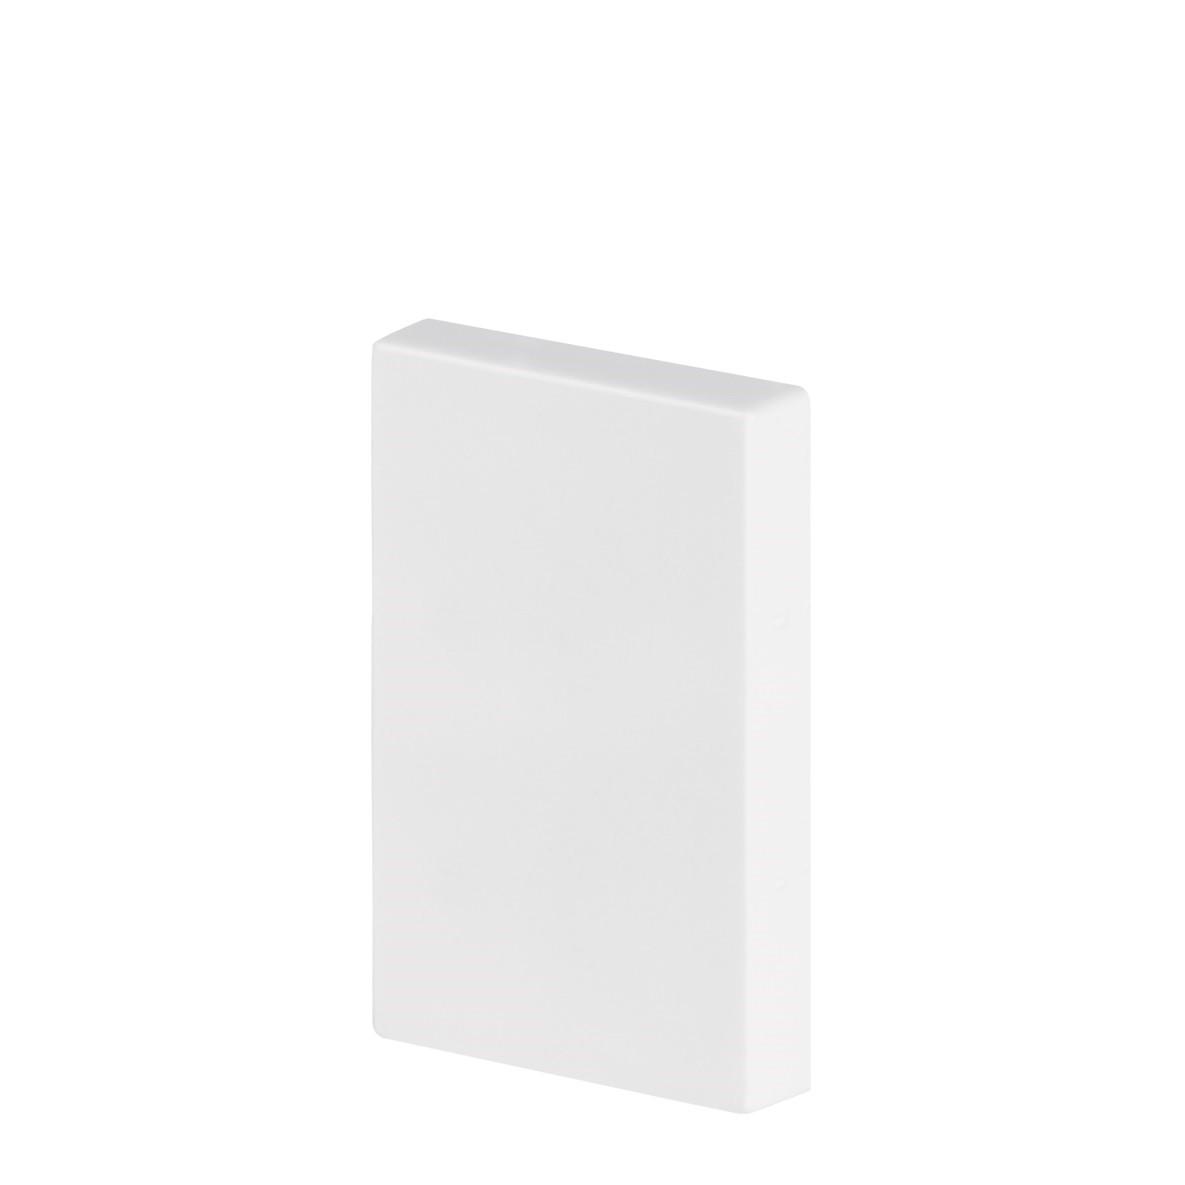 Rodape 17 x 1700 cm Poliestireno Branco